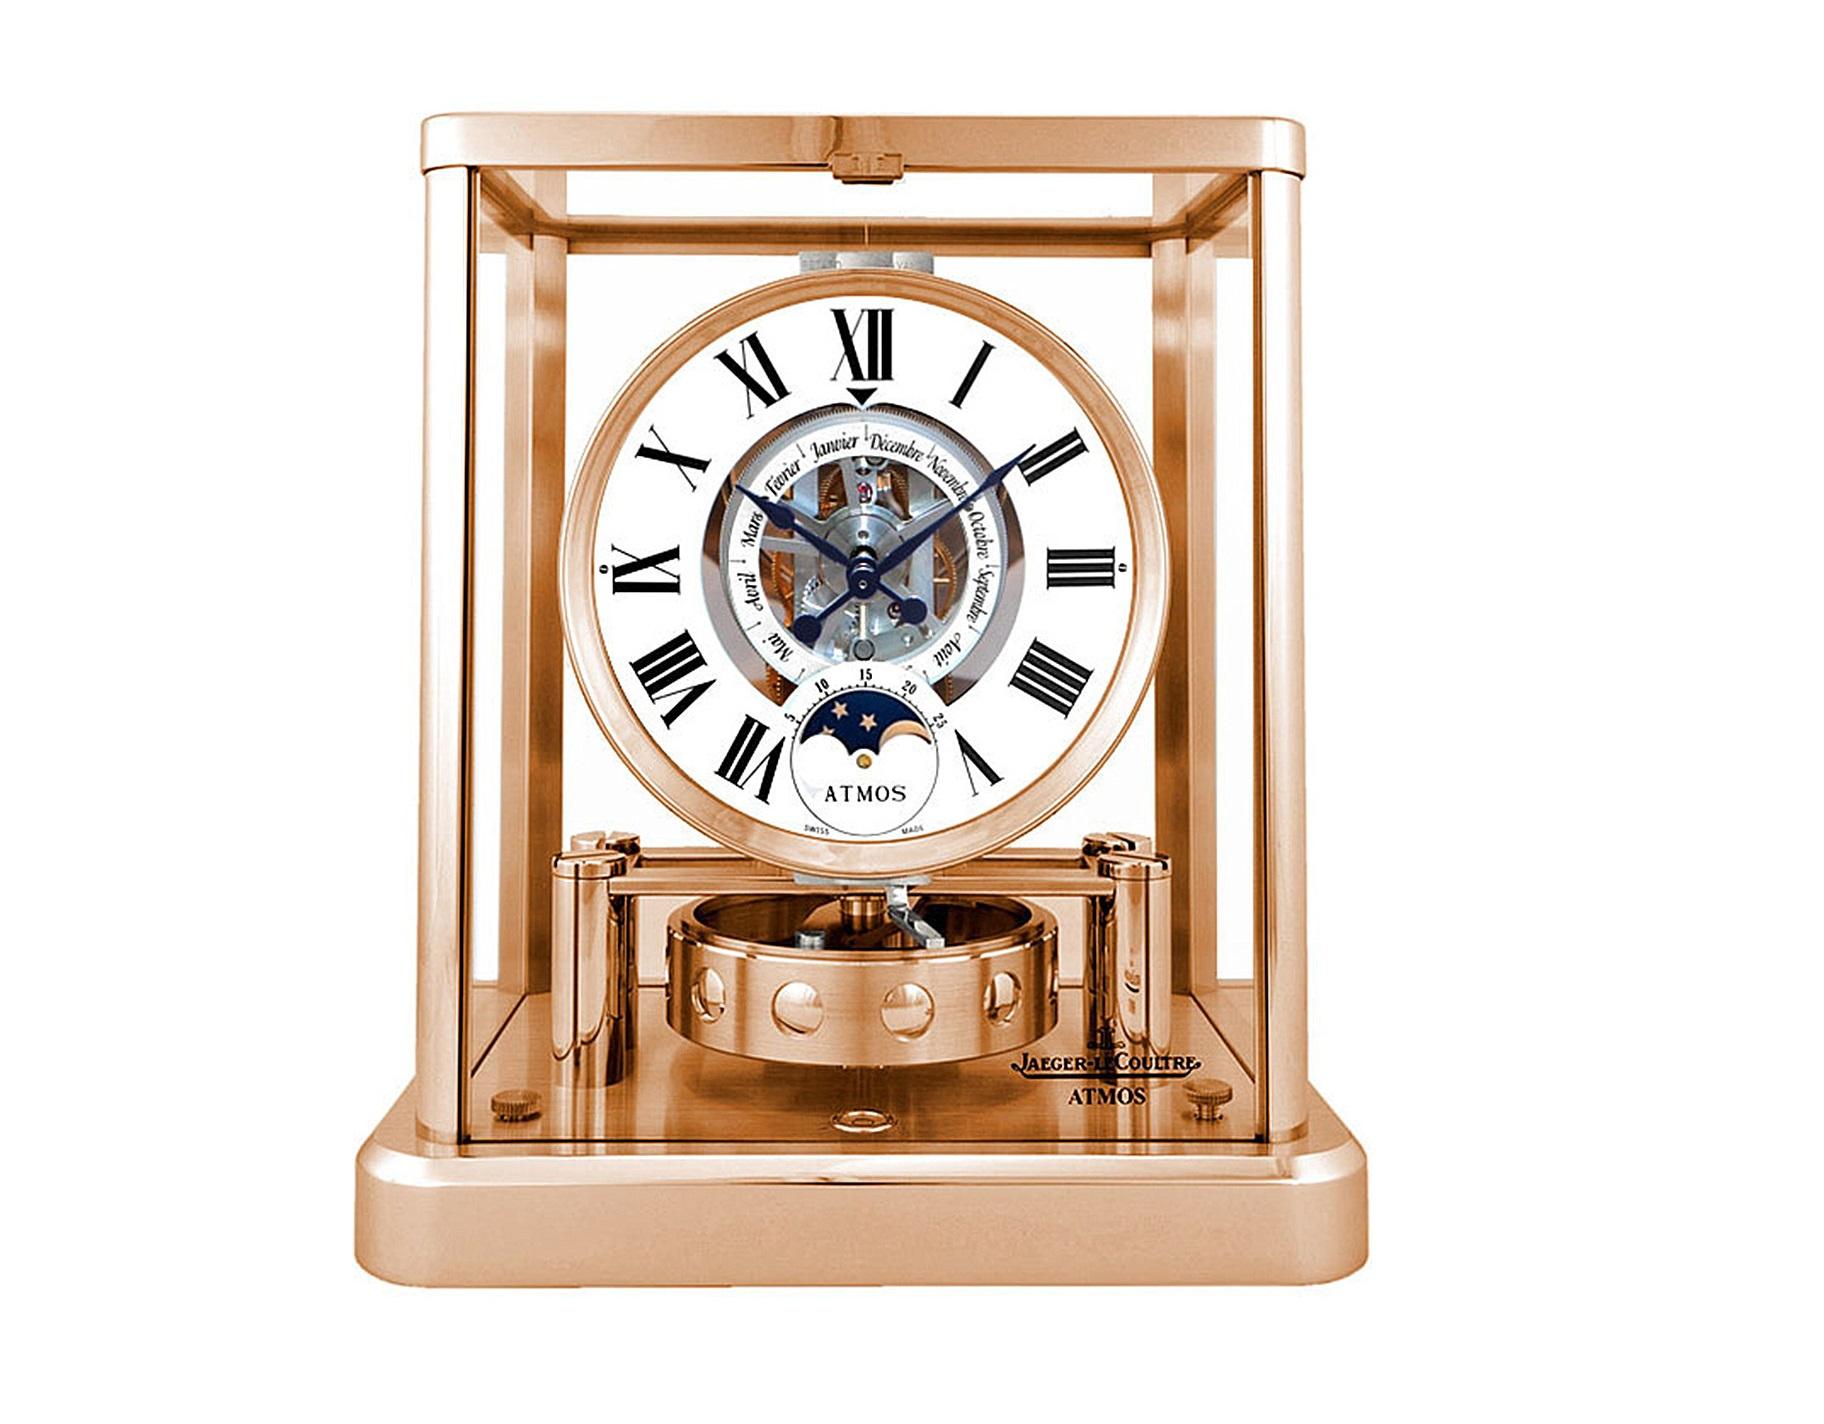 orologio da tavolo Jaeger LeCoultre